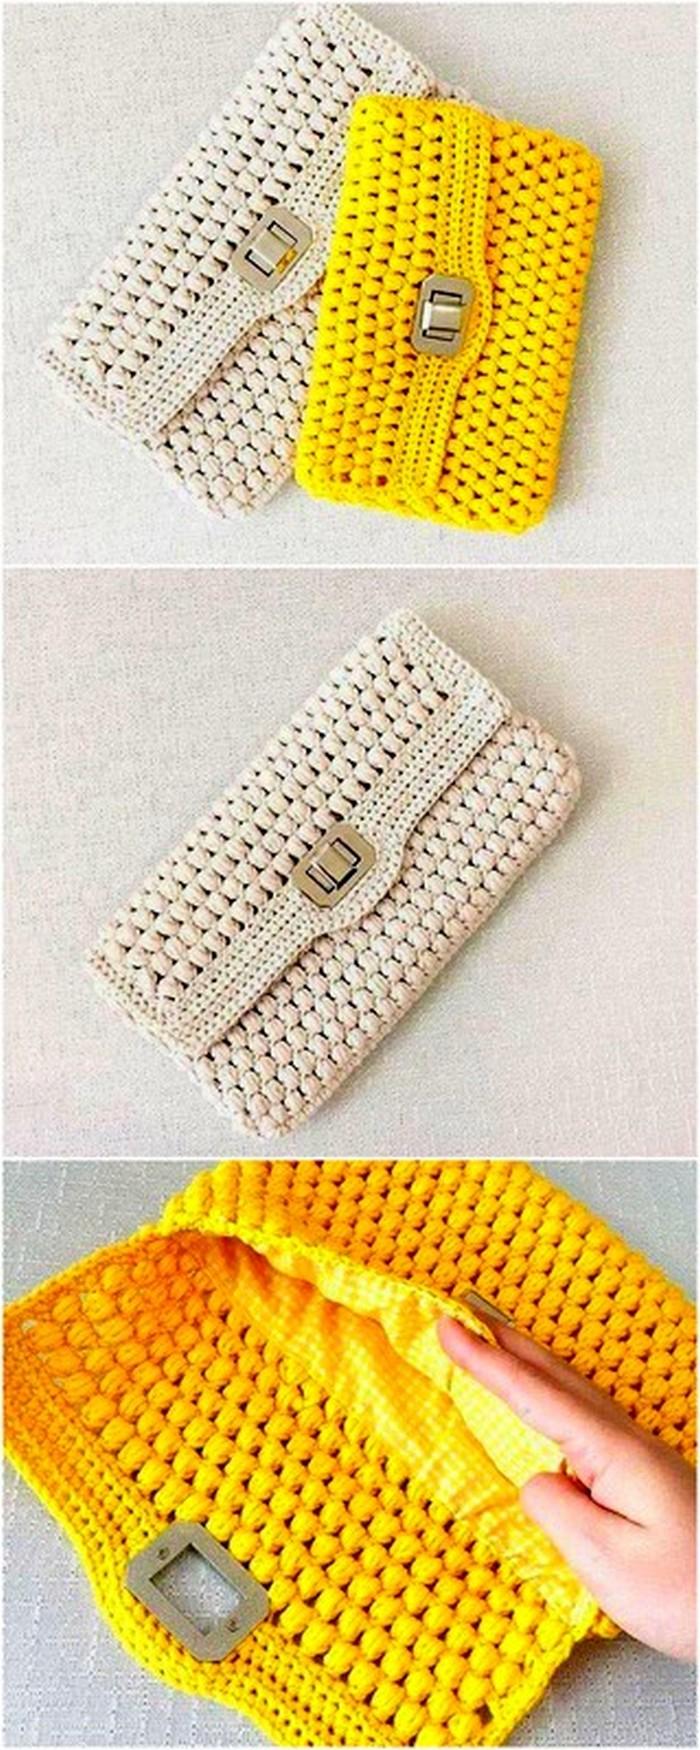 Stylish Pouch Free Crochet Pattern